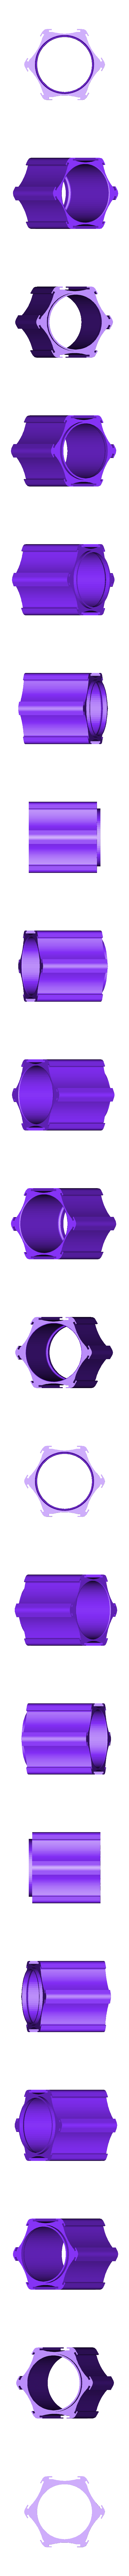 extensionruben.stl Download free STL file Nespresso Capsule Tower • 3D printing template, rubenzilzer